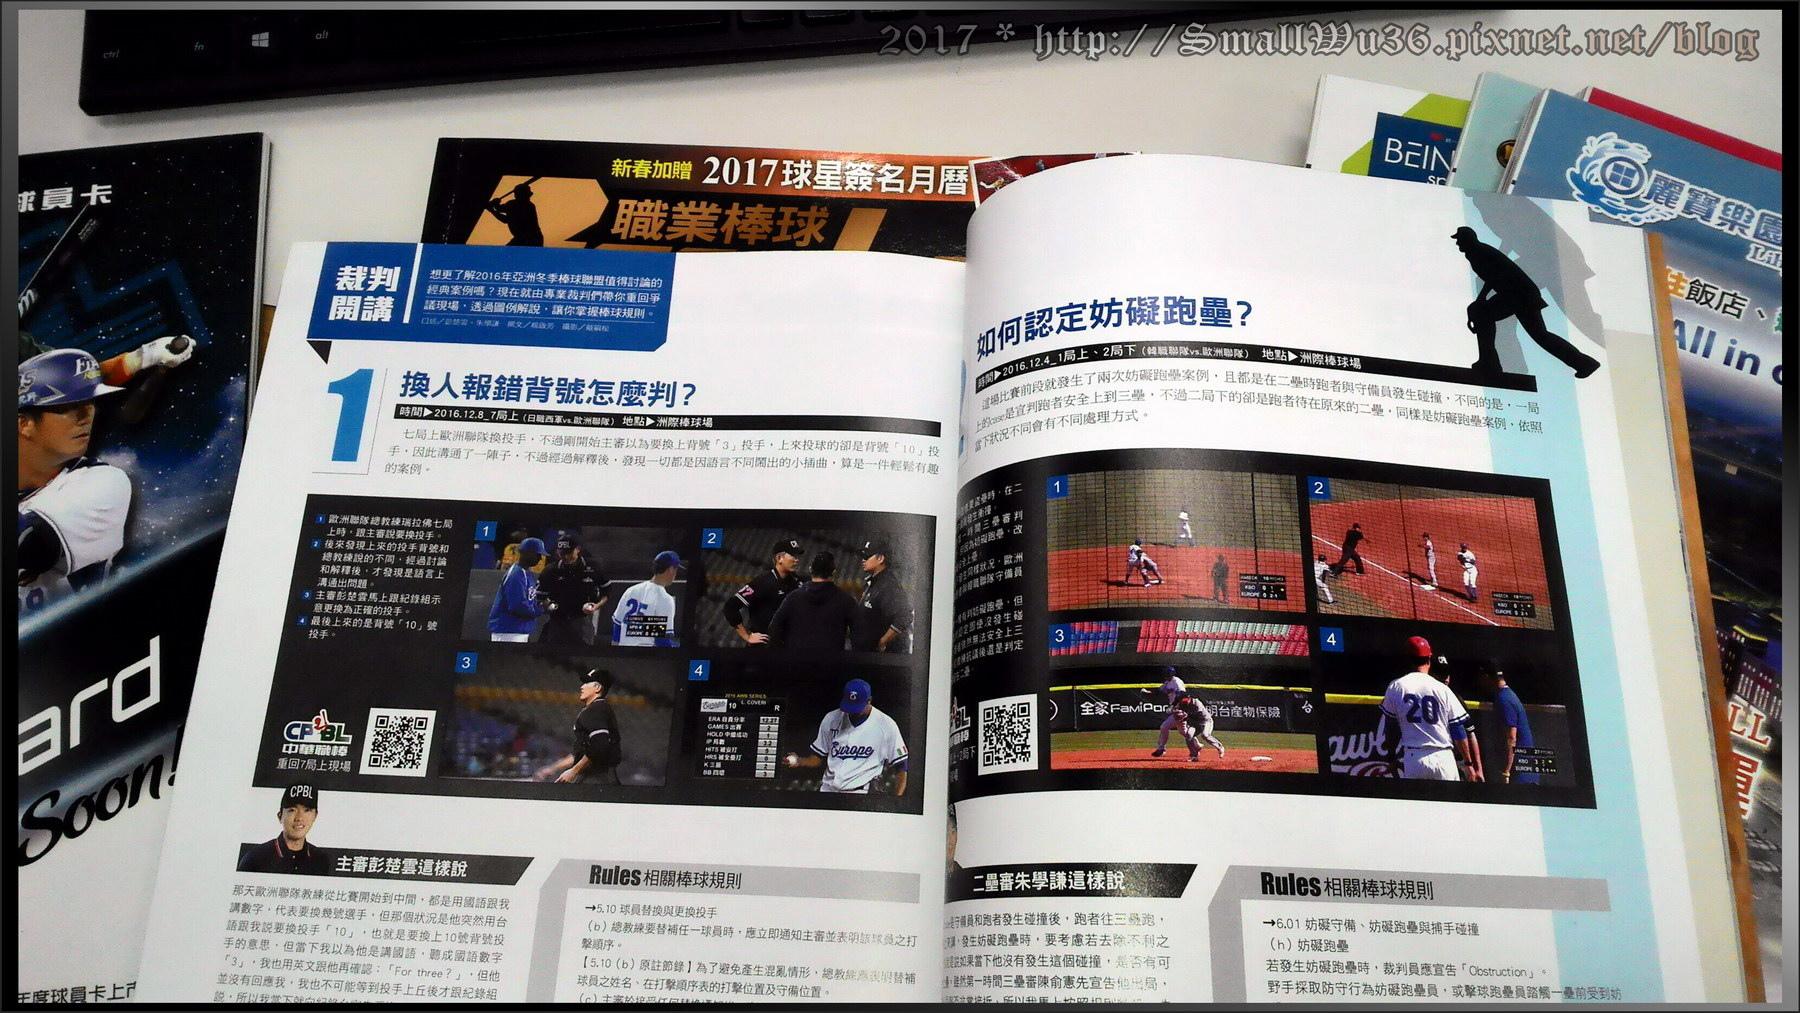 [中職雜誌] 職業棒球月刊 棒球紀錄法教學-004.jpg